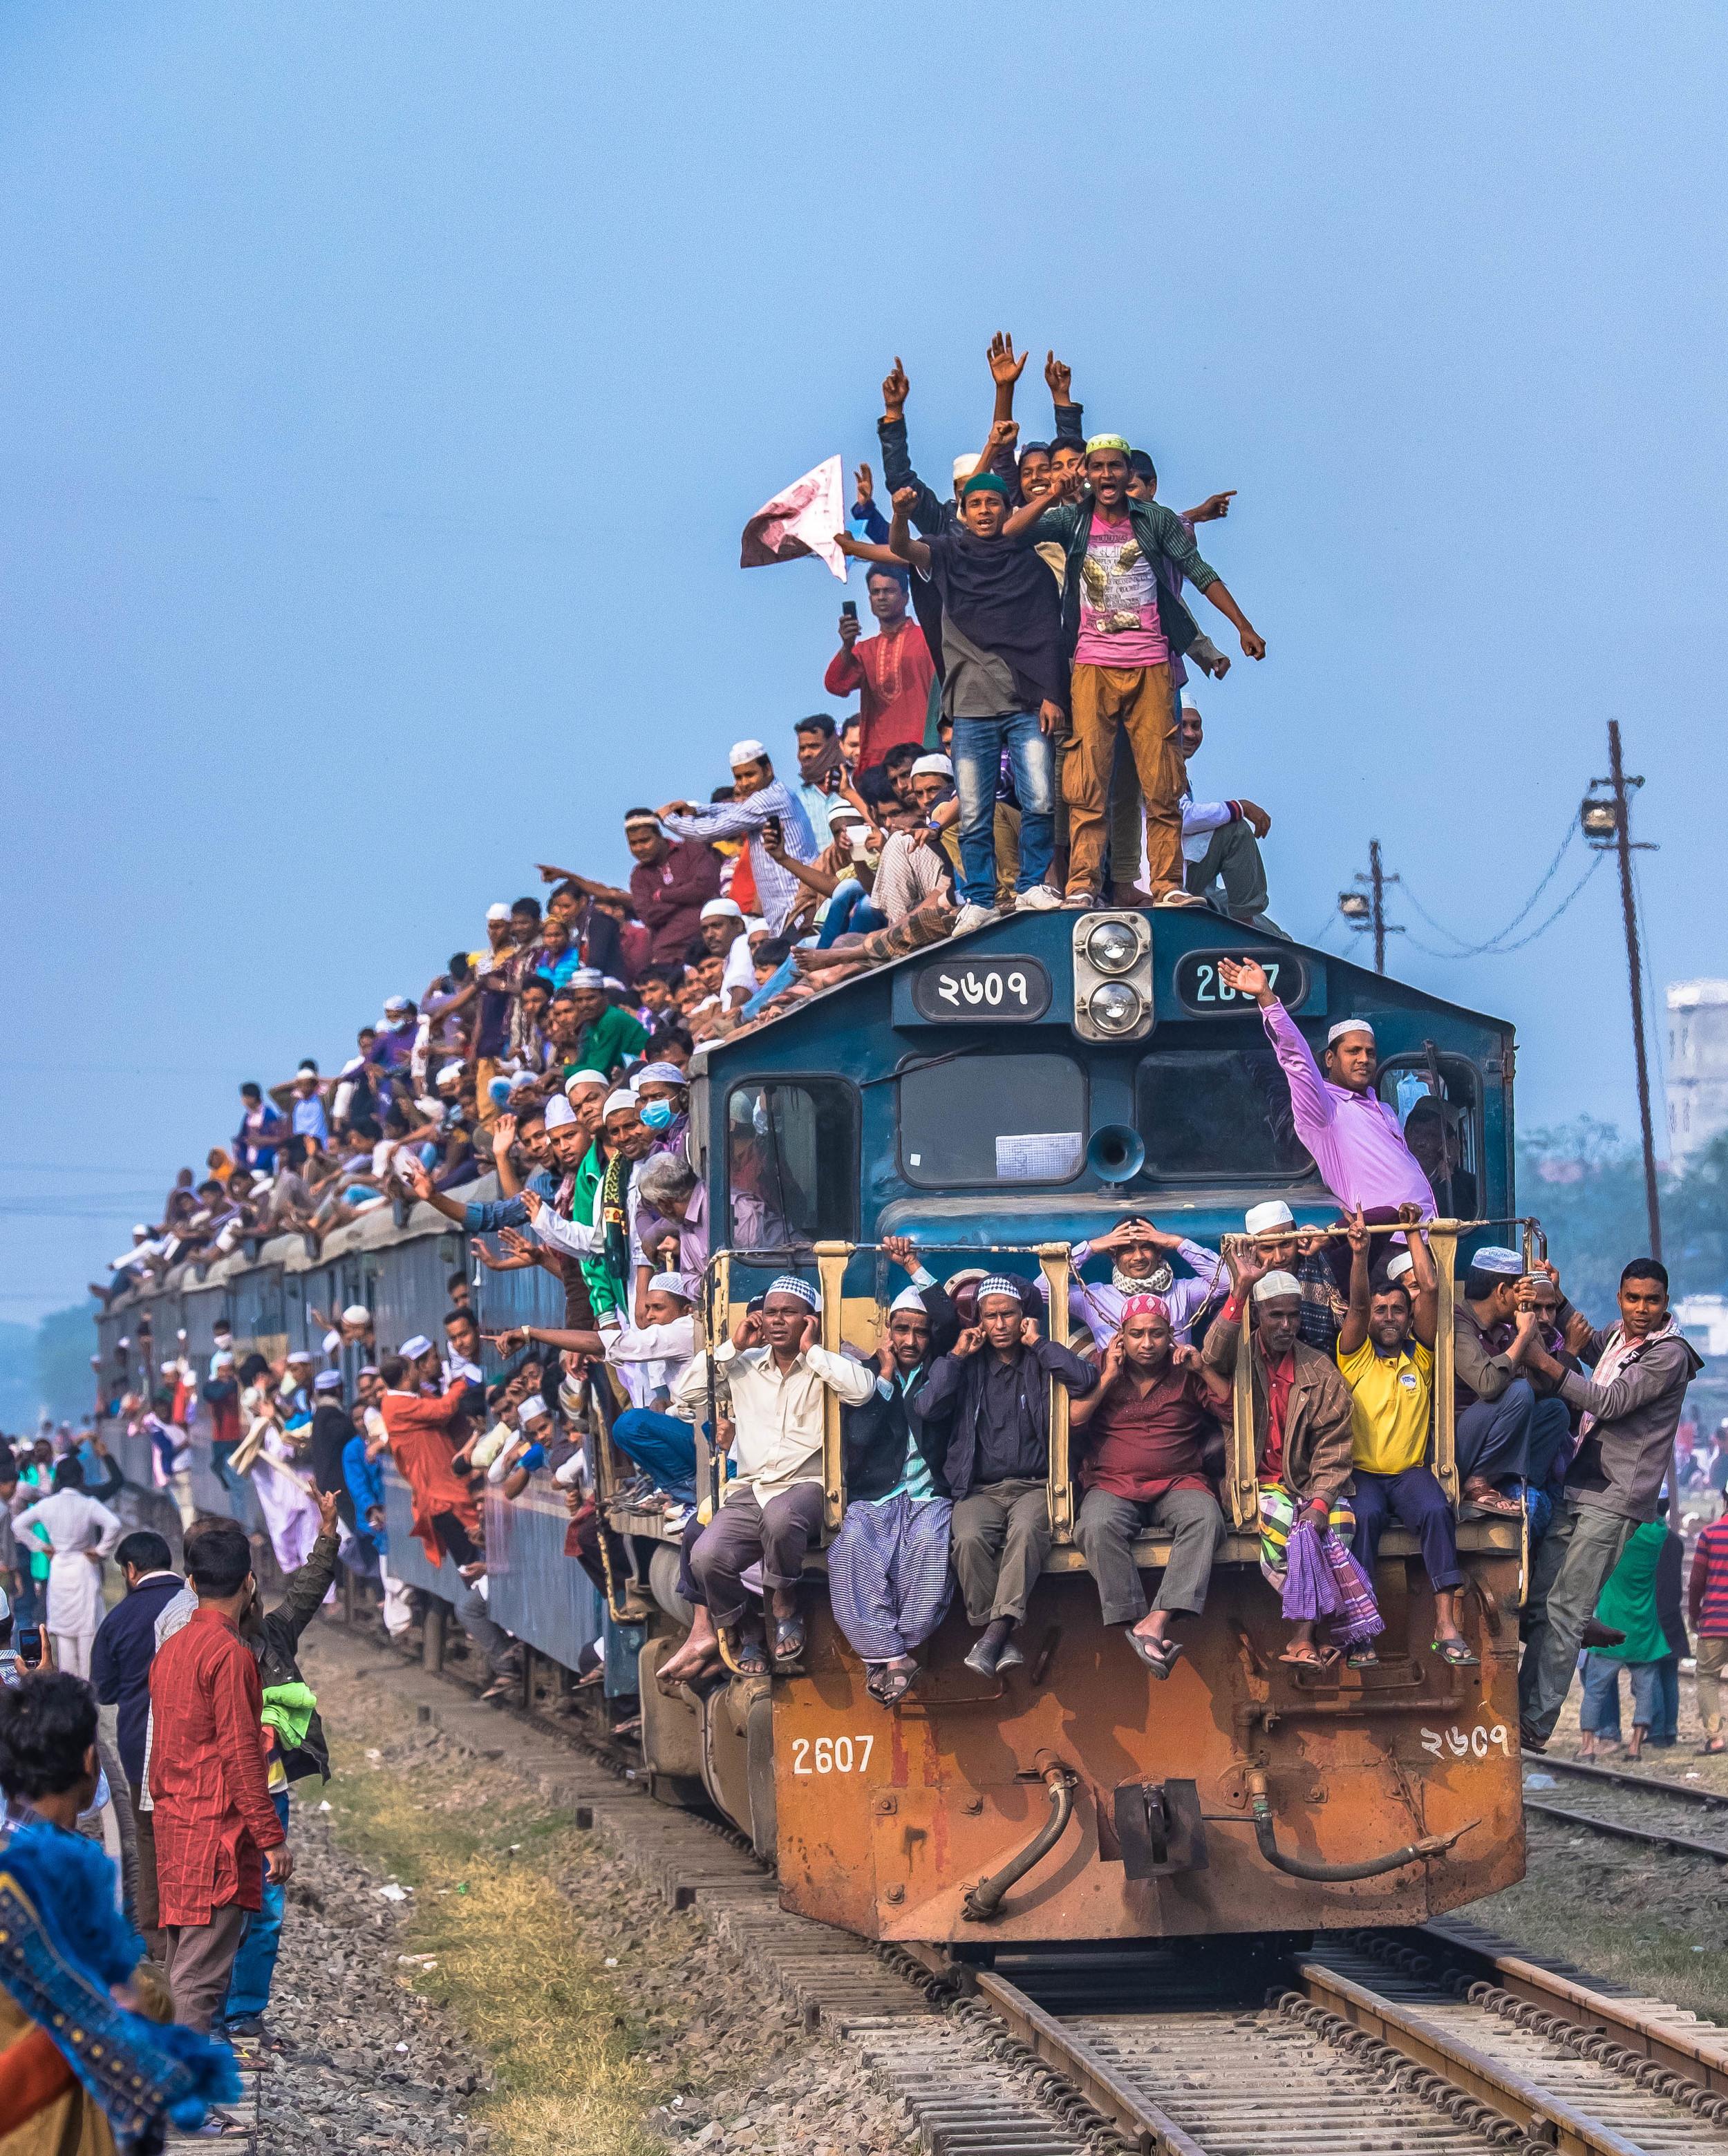 BI_Train-8438.jpg